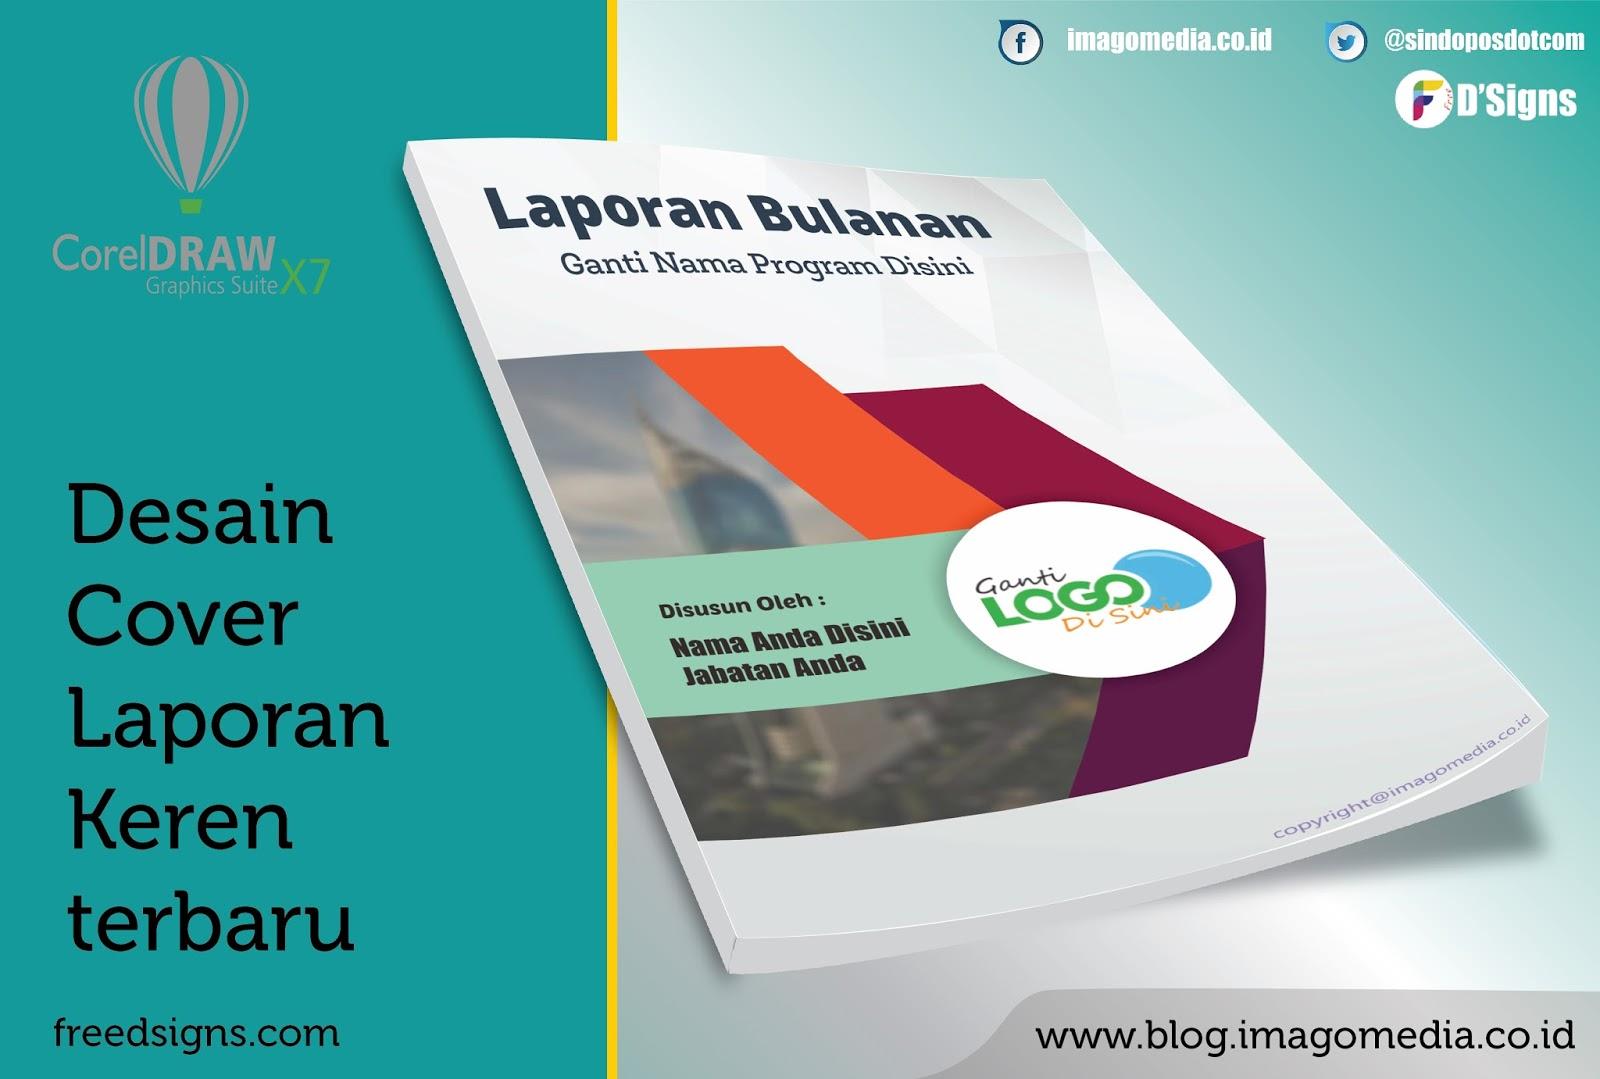 download_Desain_Cover_Laporan_Keren_terbaru